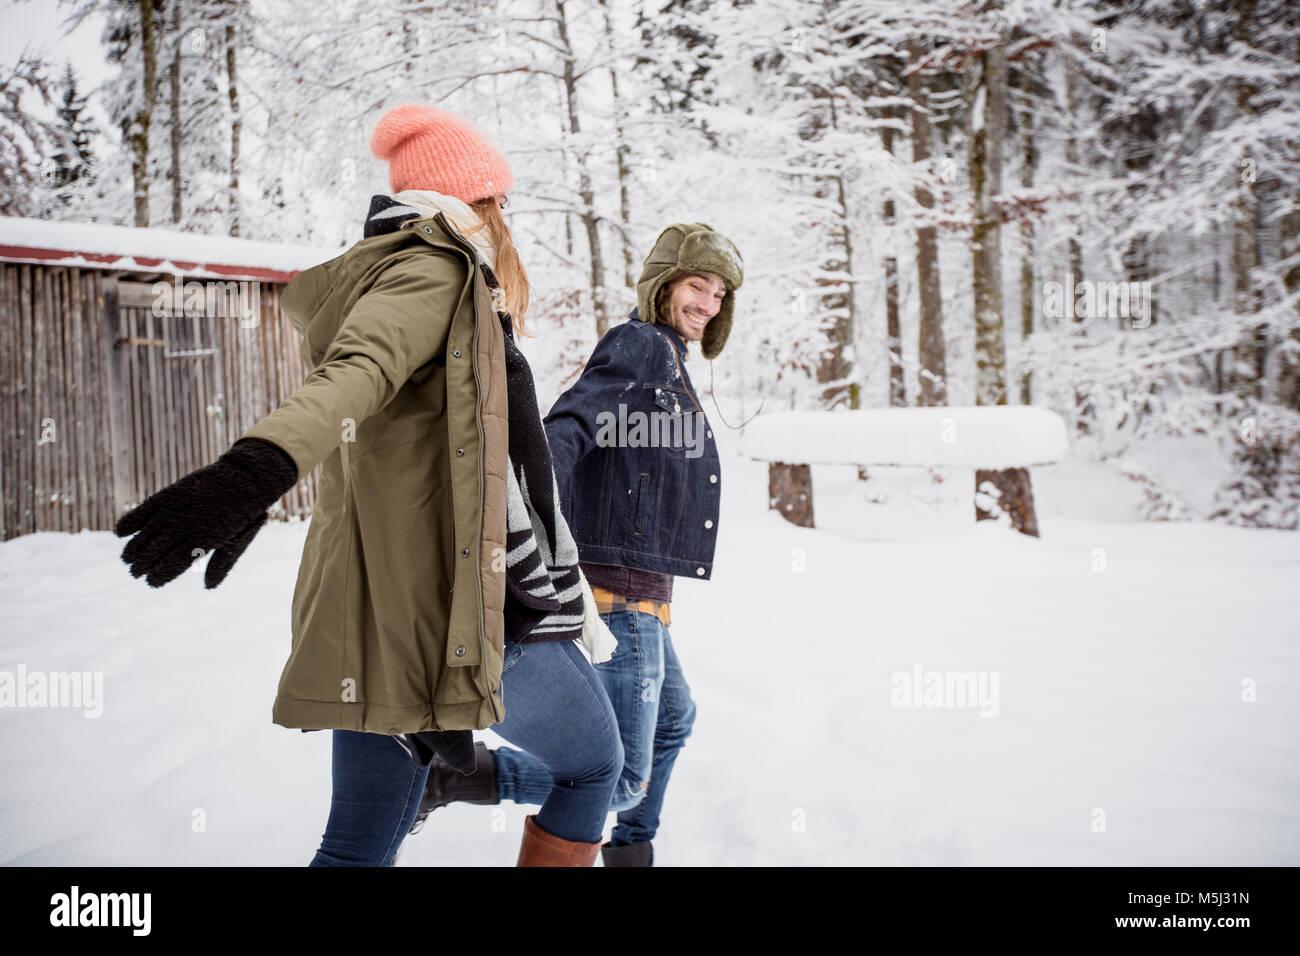 Glückliches Paar laufen im Winter Stockbild